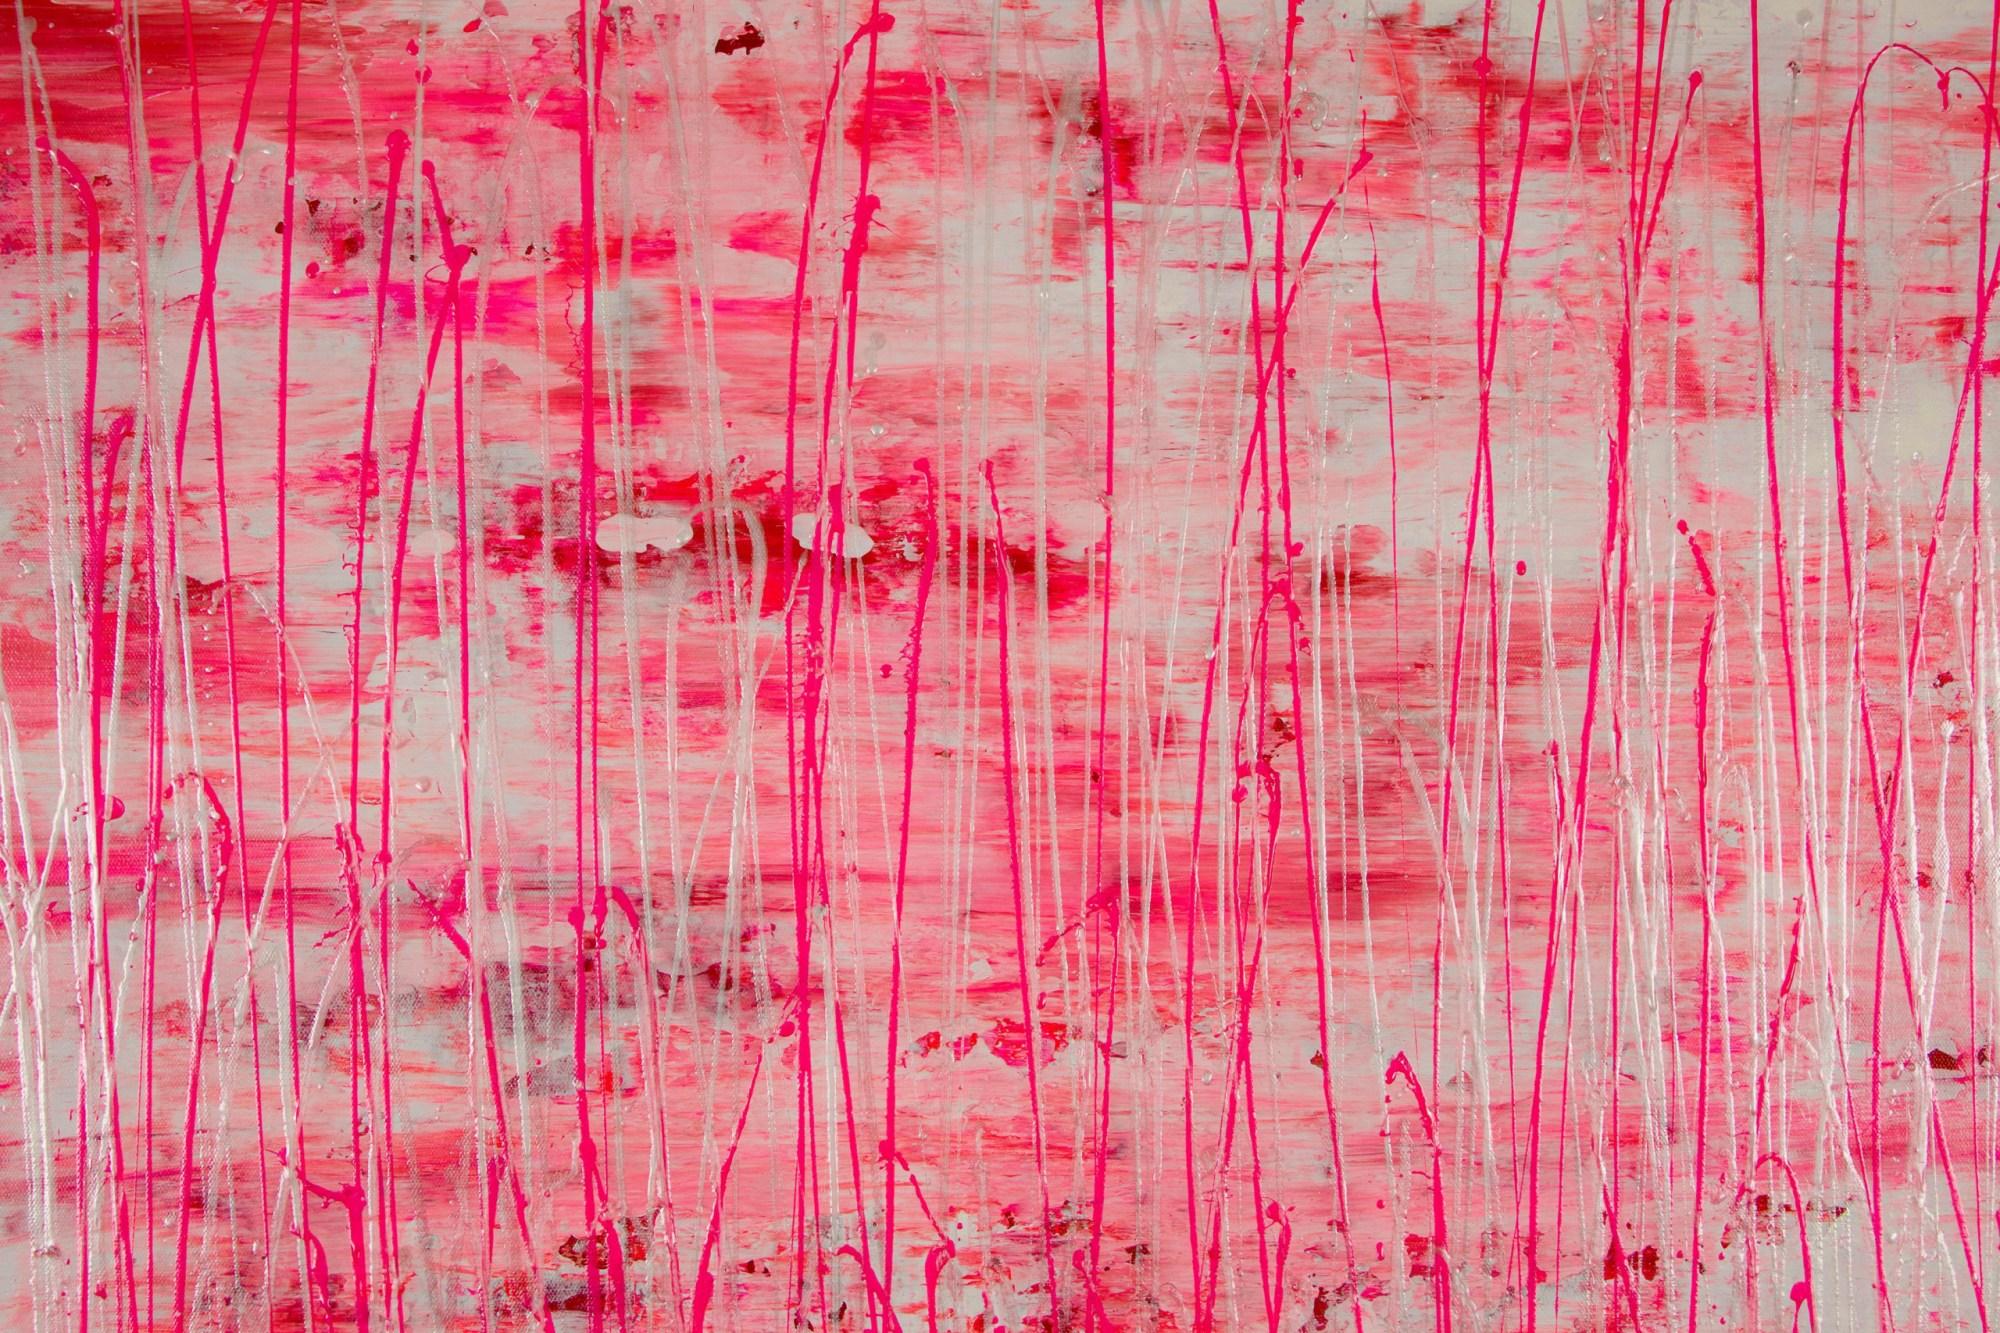 Iridescent Drizzles (Rain in pink) (2021) / Artist - Nestor Toro